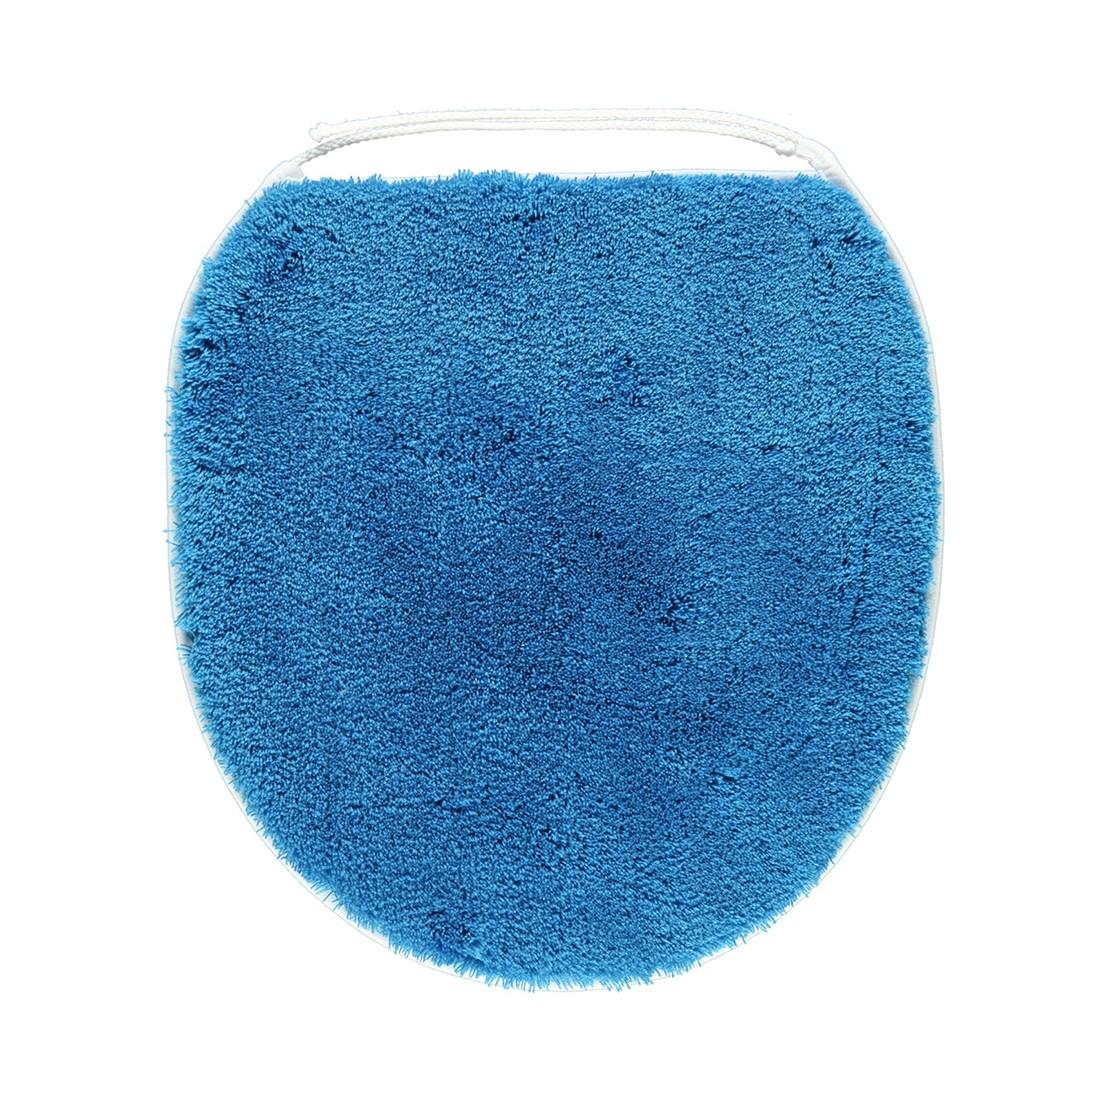 Deckelbezug Soft – 100% Polyacryl Türkis – 766, Kleine Wolke günstig bestellen